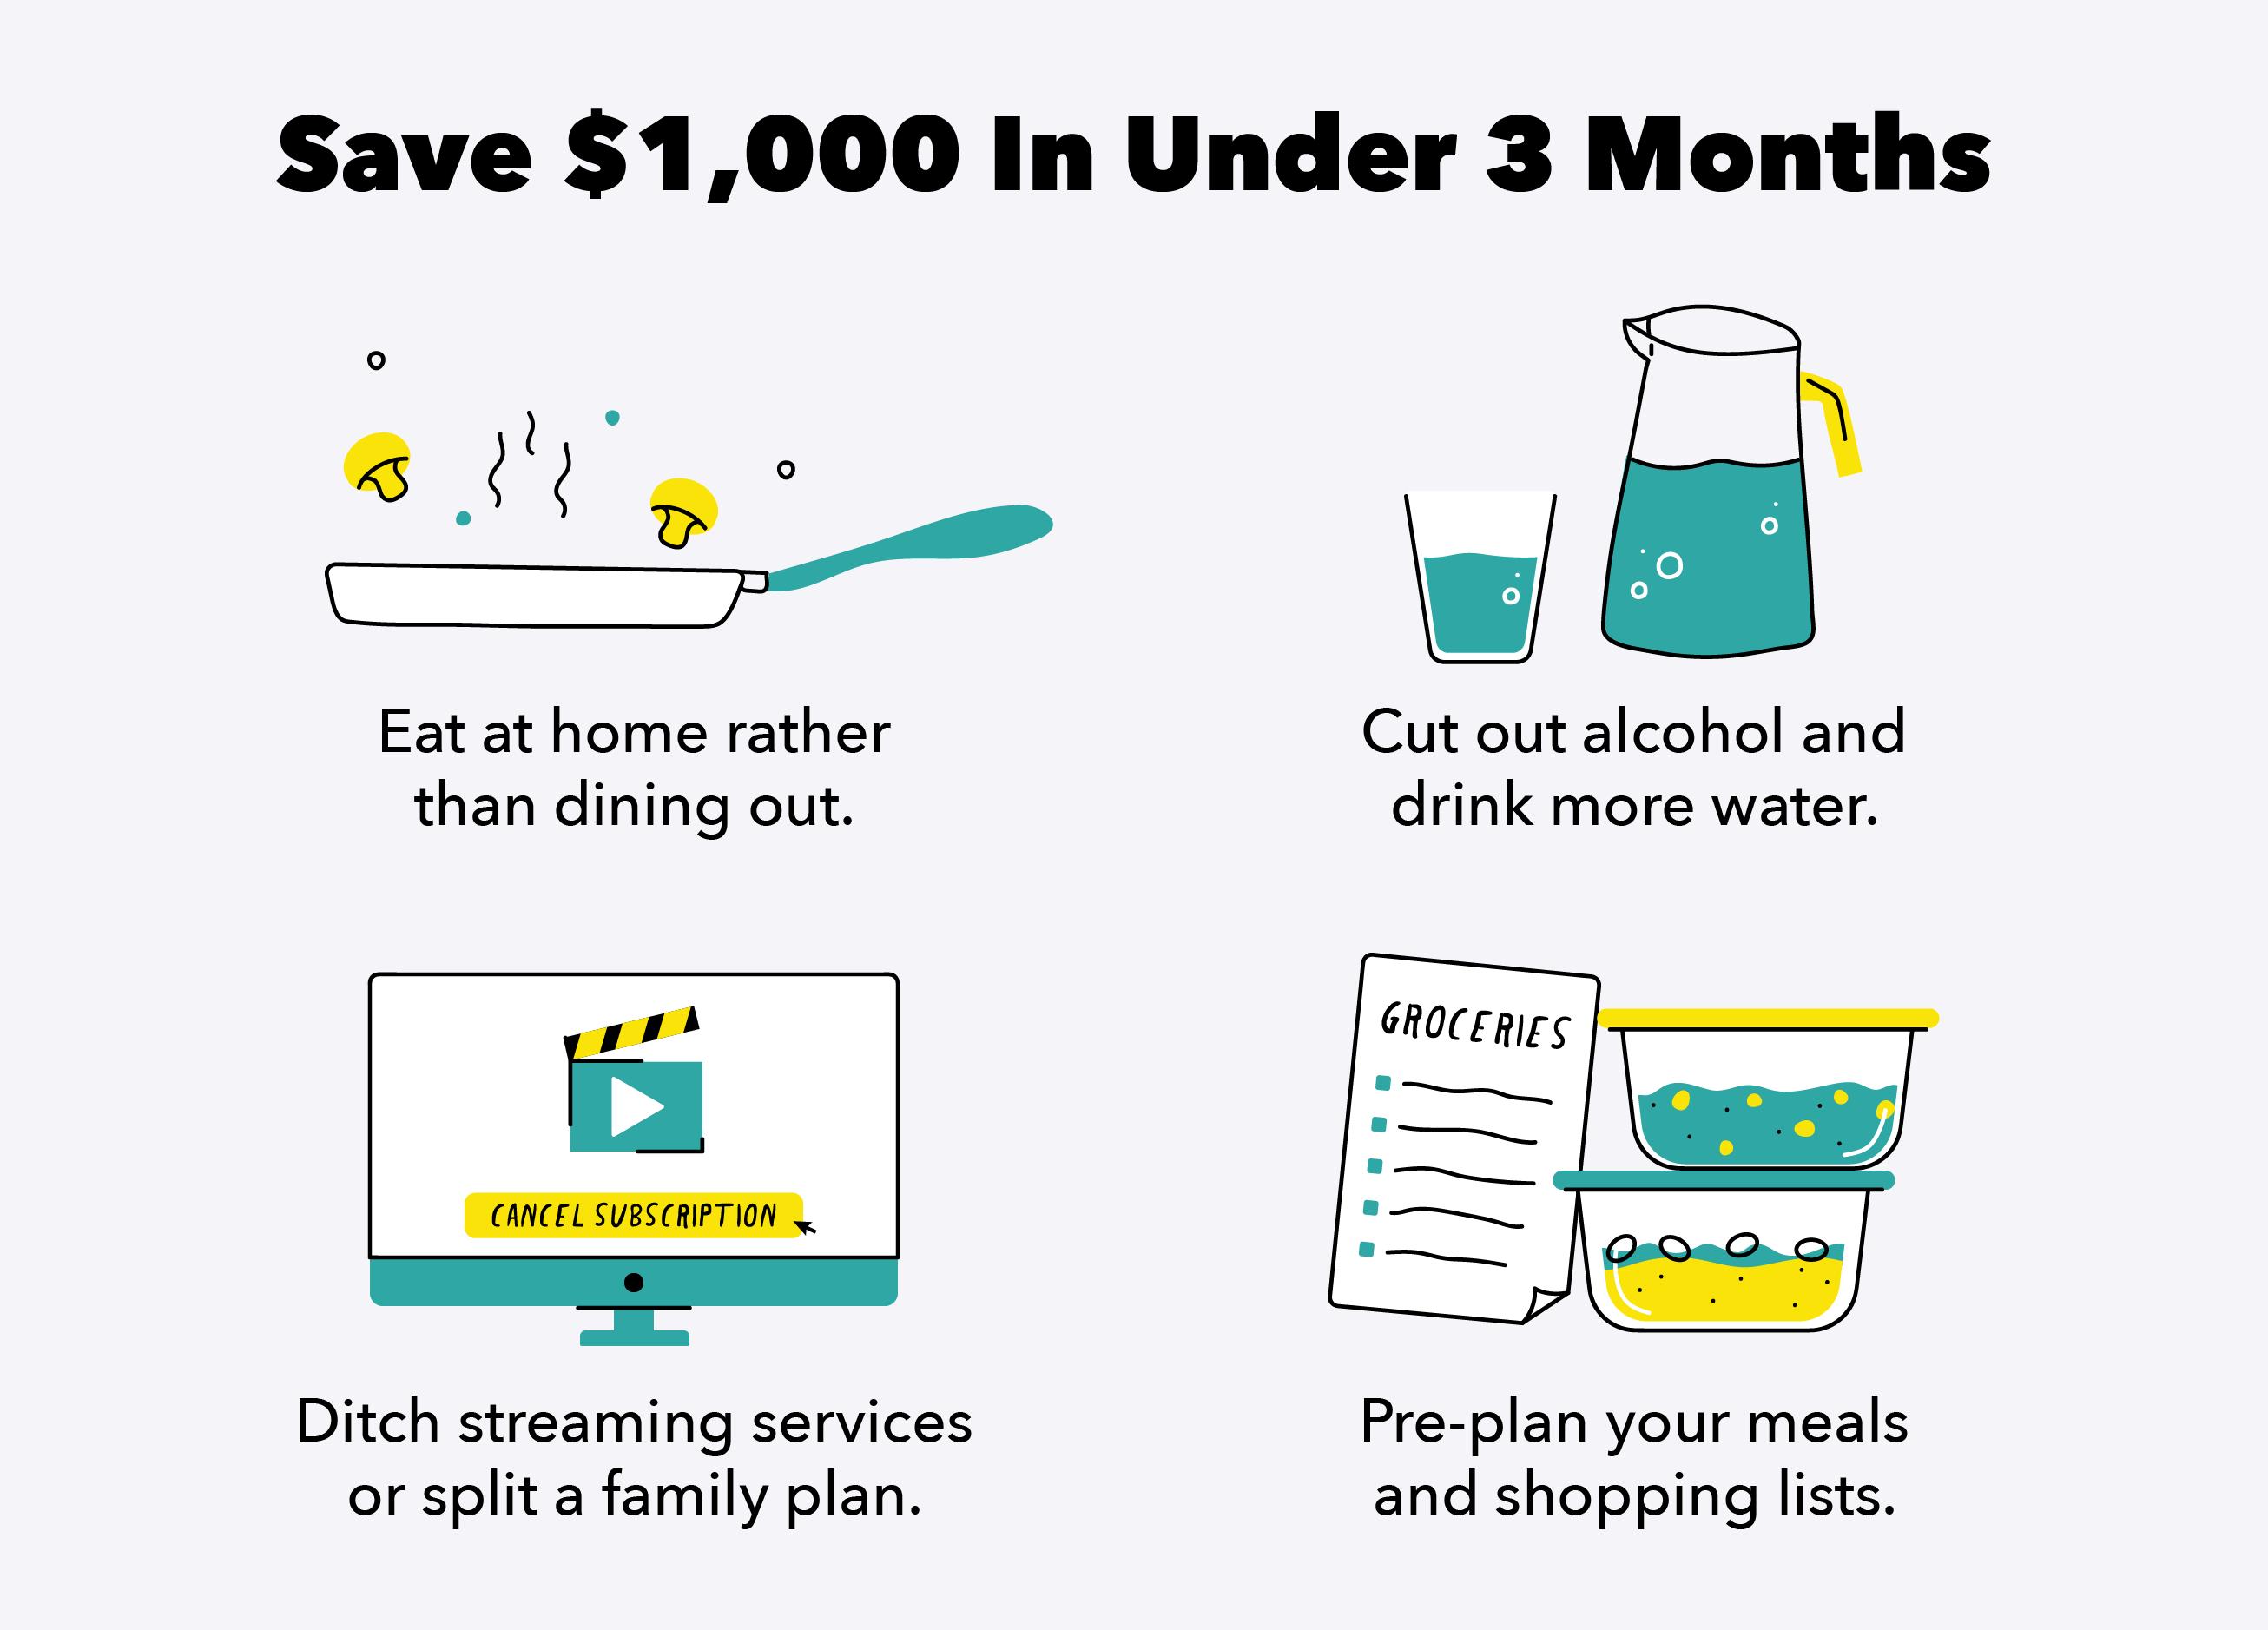 sutaupykite pinigų savo lietingos dienos fondui